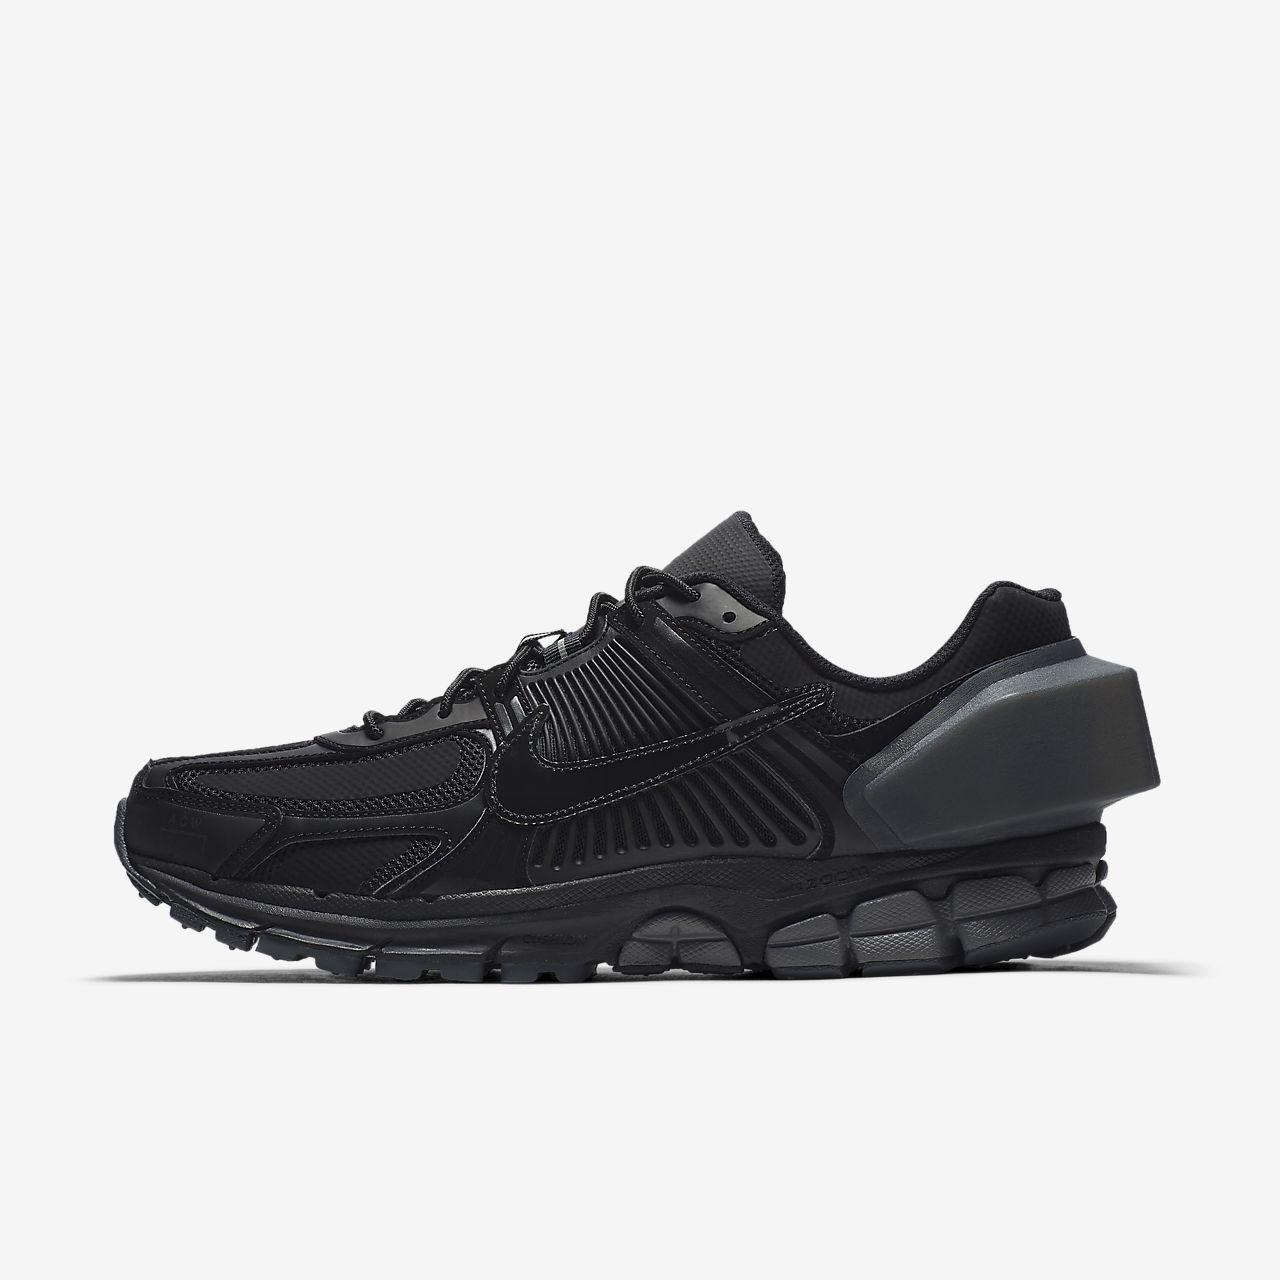 a4be28b8c1e2 Nike x A-COLD-WALL  Zoom Vomero +5 Shoe. Nike.com MY